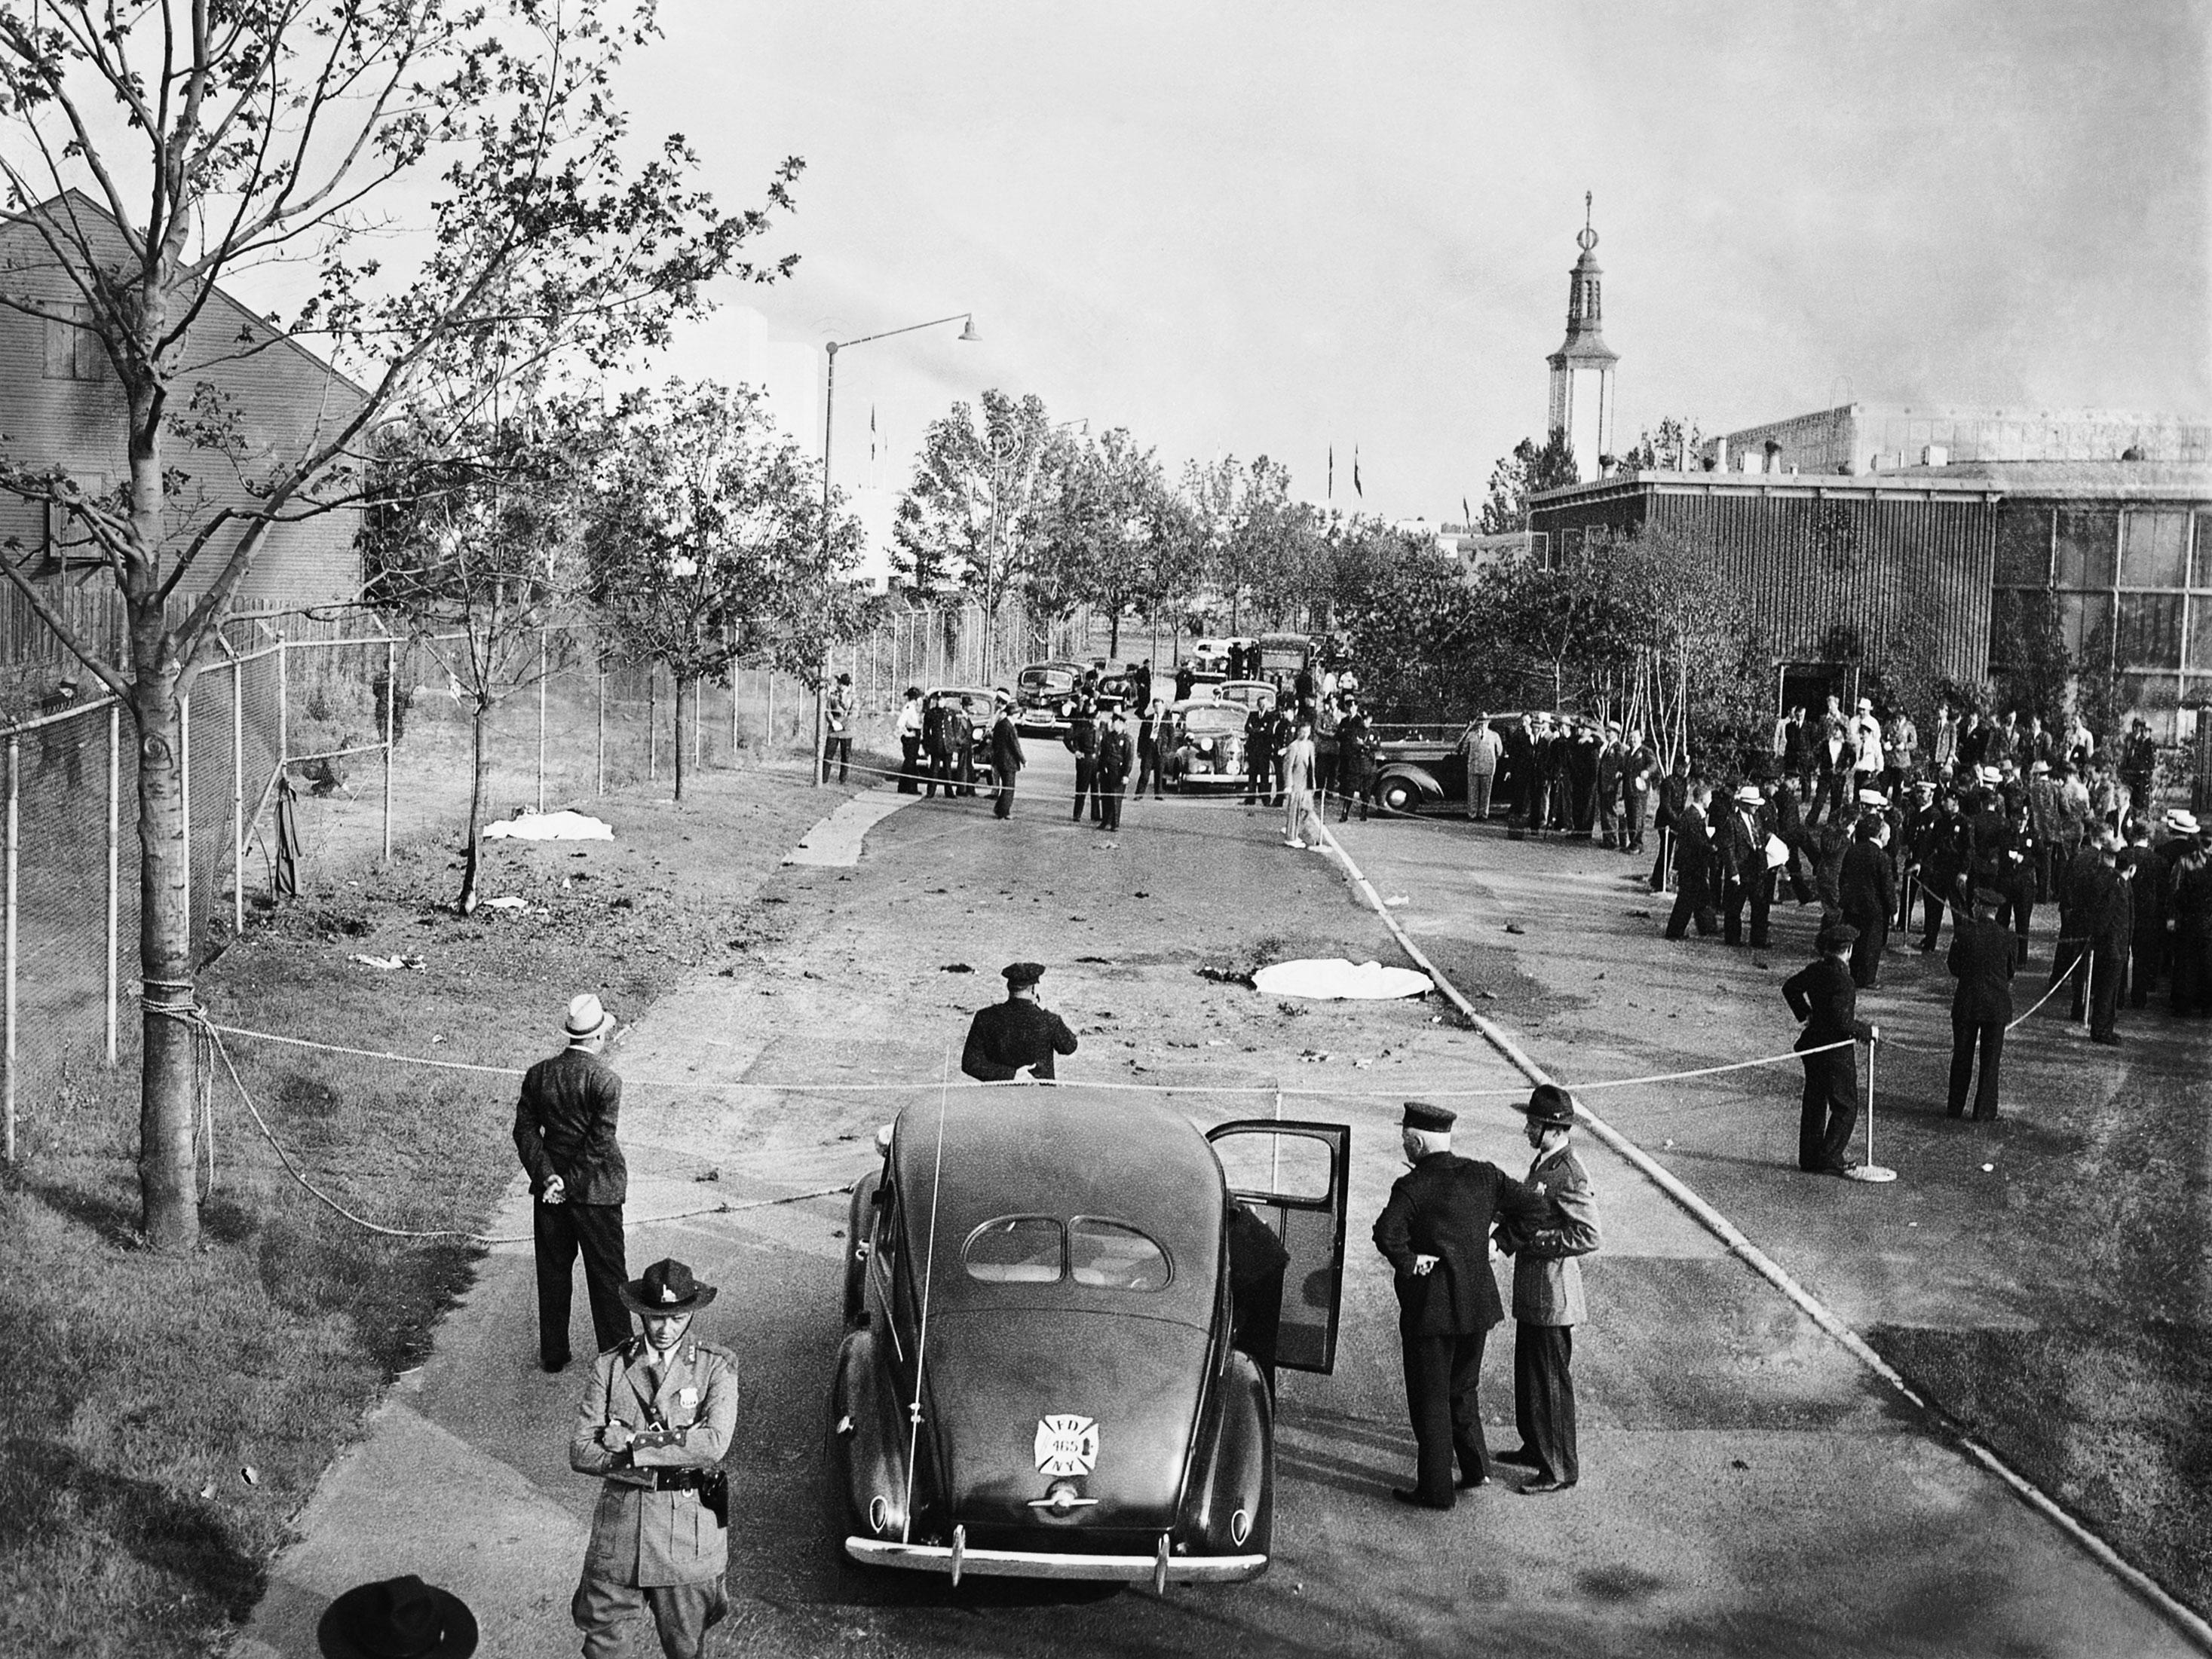 Ny worlds fair 1939 1940